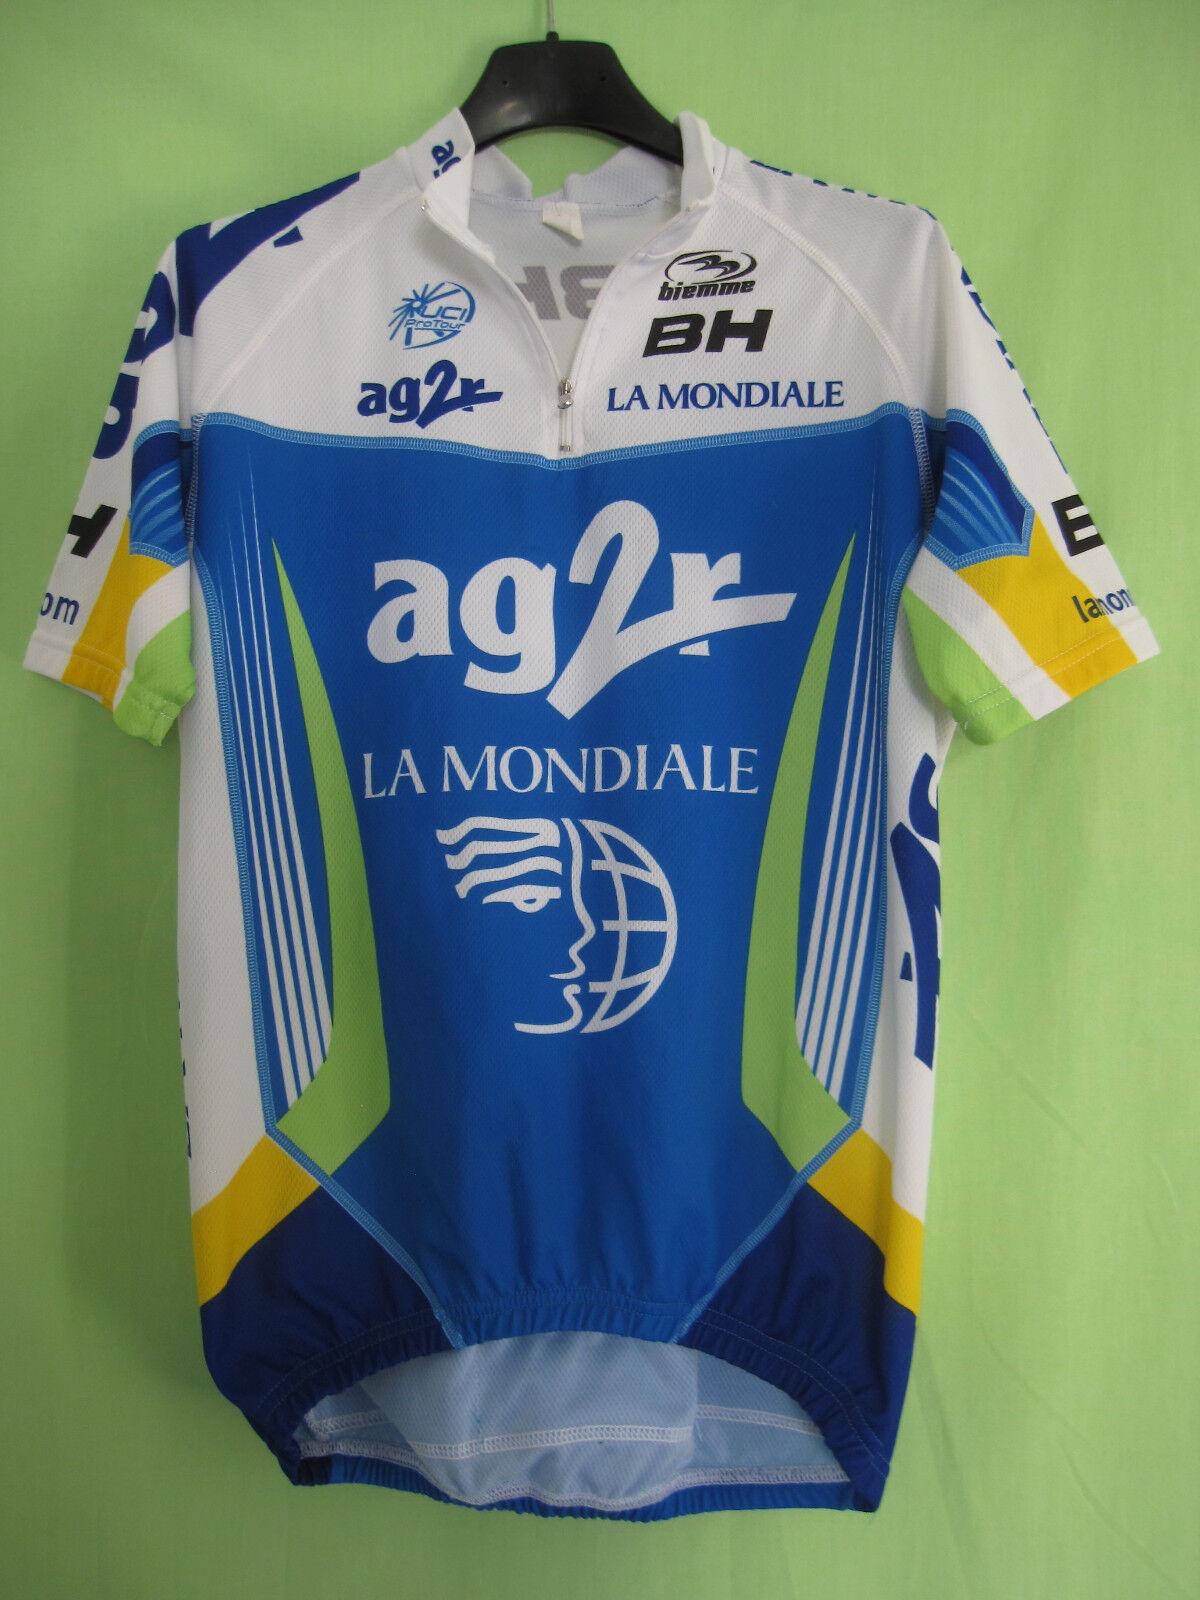 Maillot cycliste Ag2R La Mondiale BH Biemme tour de France 2008 Jersey - L